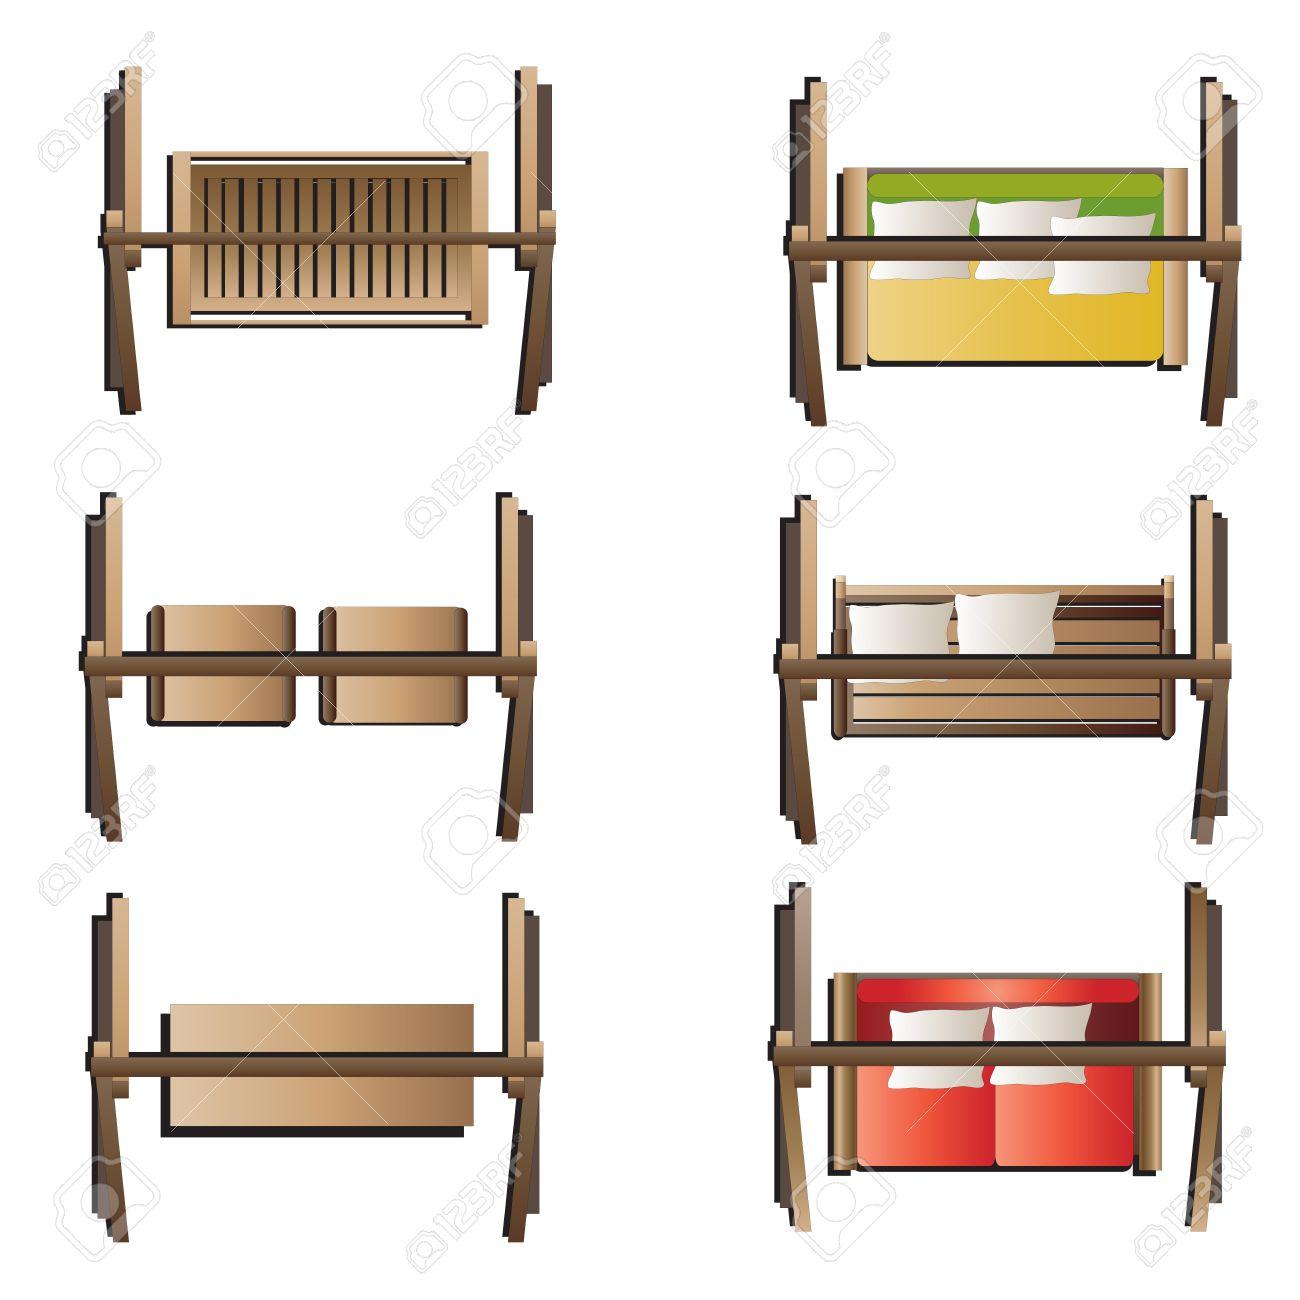 Outdoor Furniture Swing Set Top View Set 7 For Landscape Design